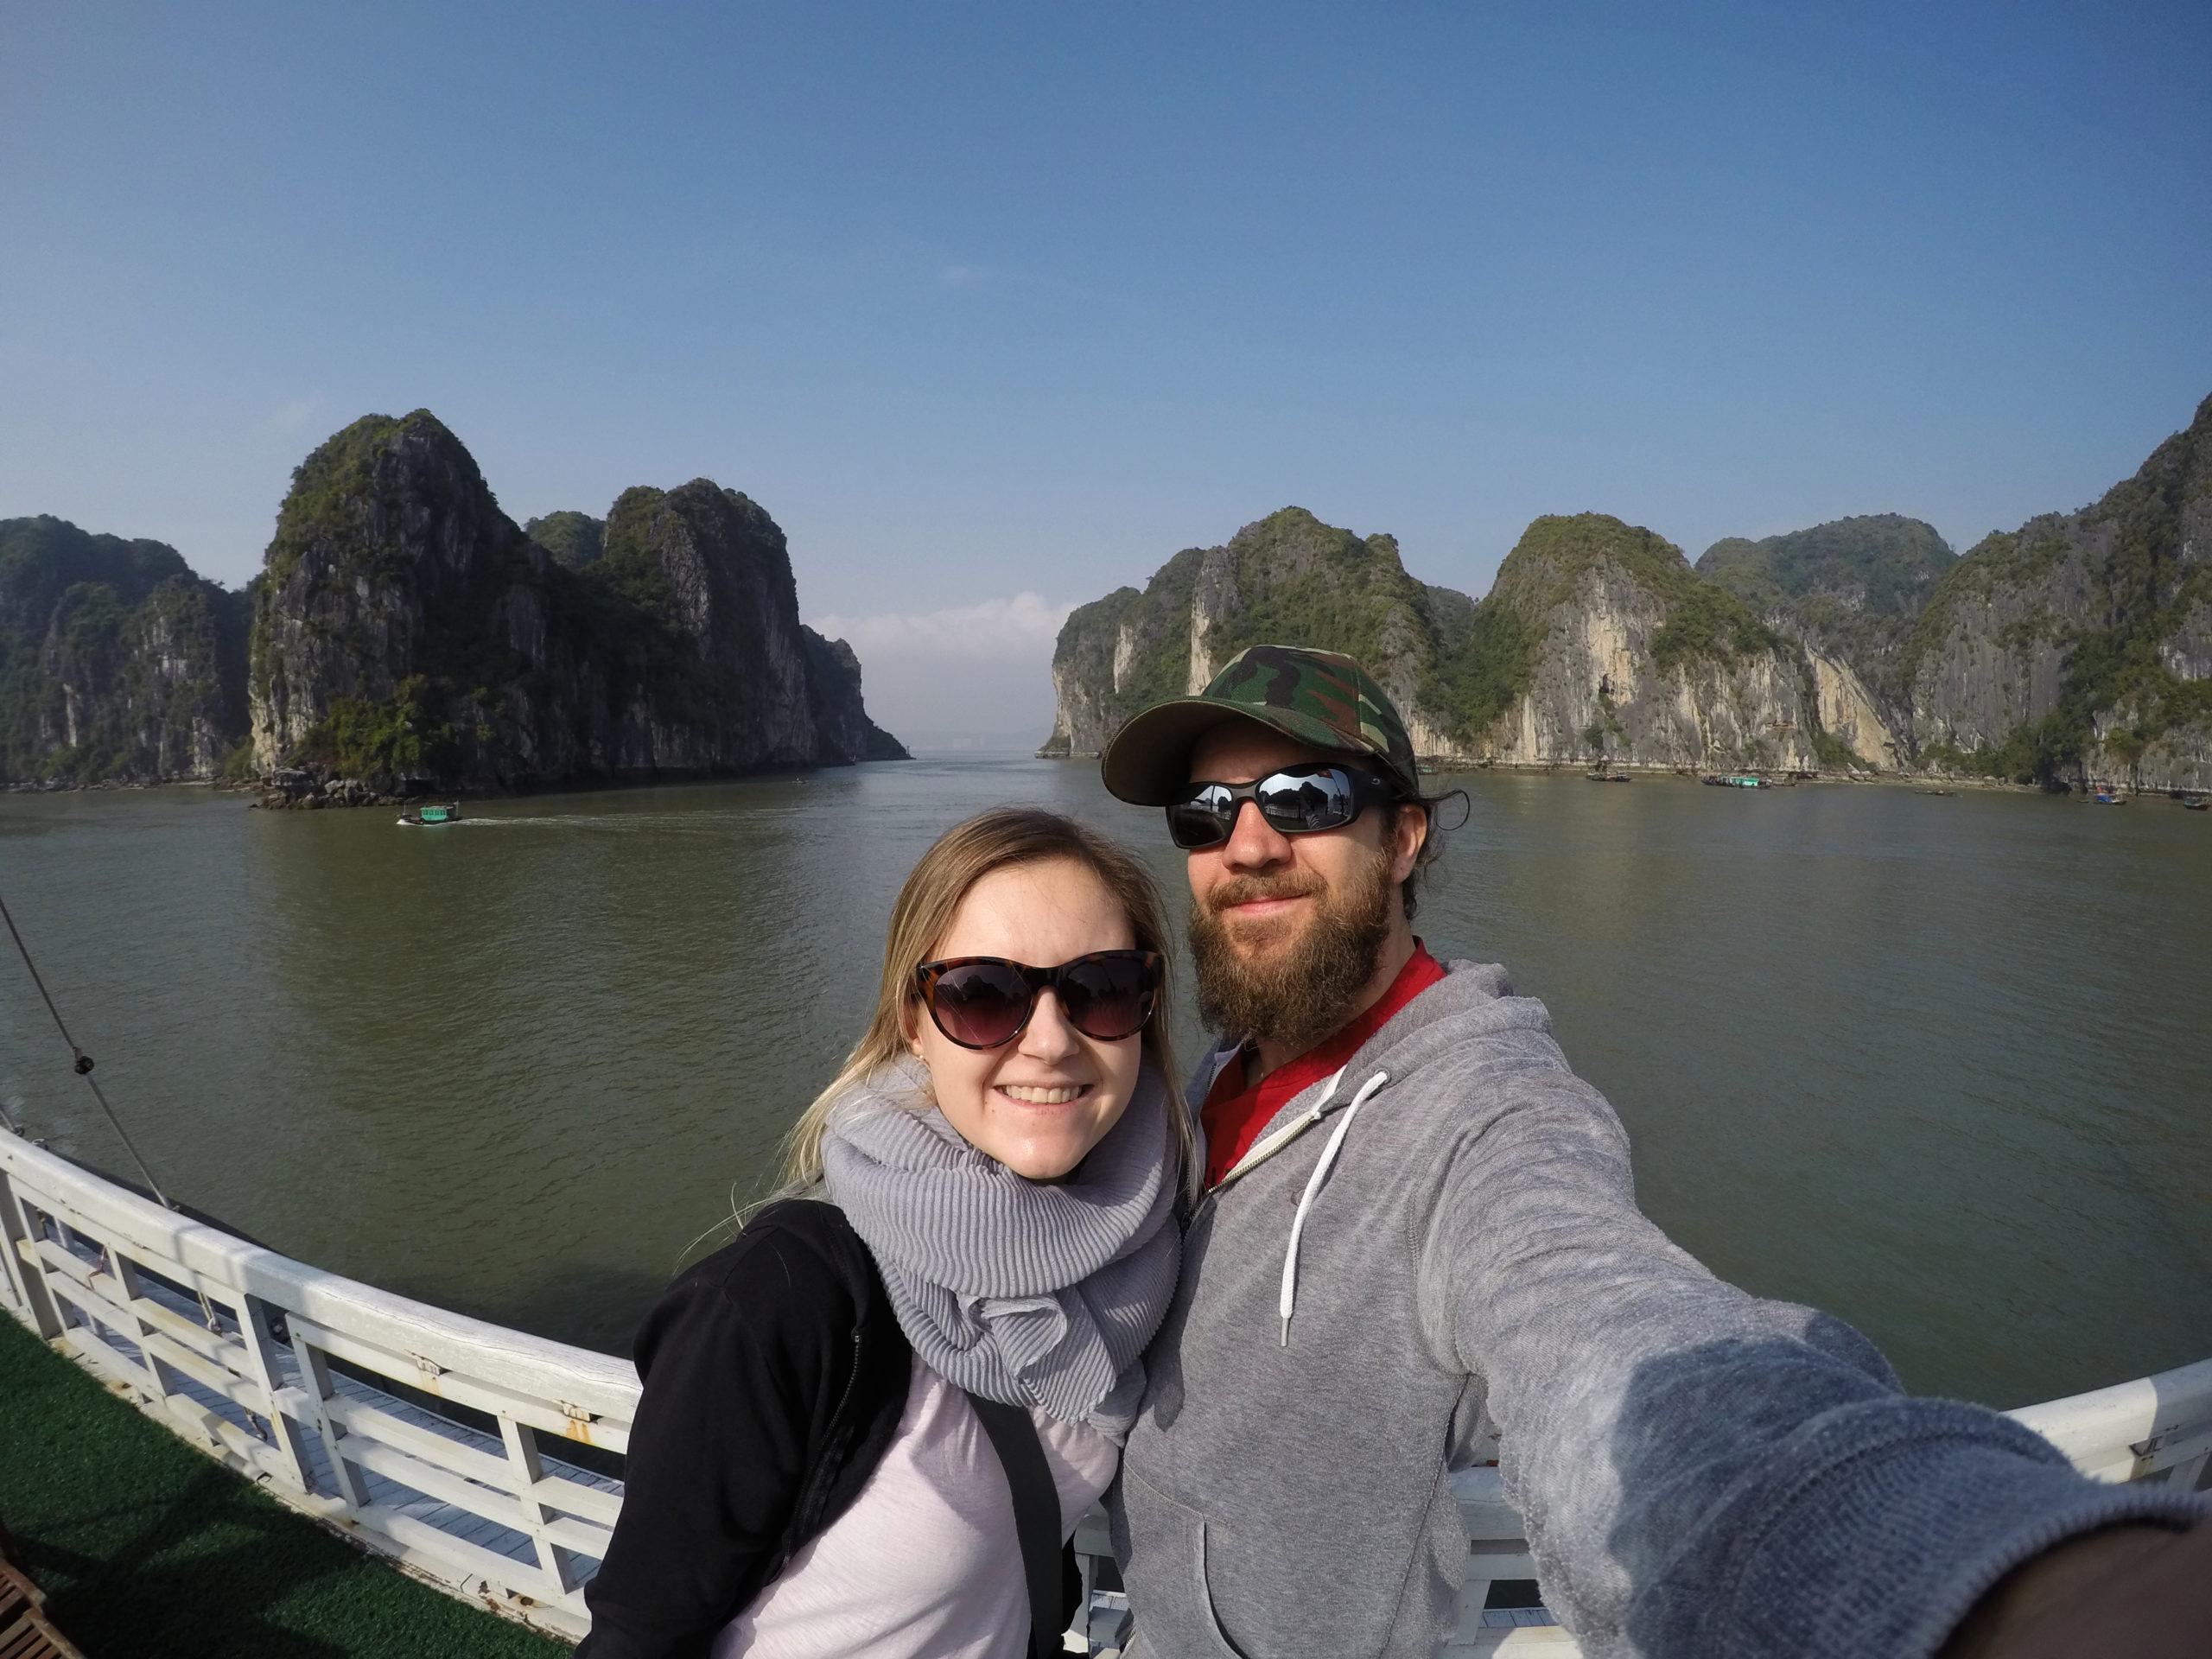 Silvia und Alex am Deck des Ausflugsboots in der Ha-Long-Bay in Vietnam